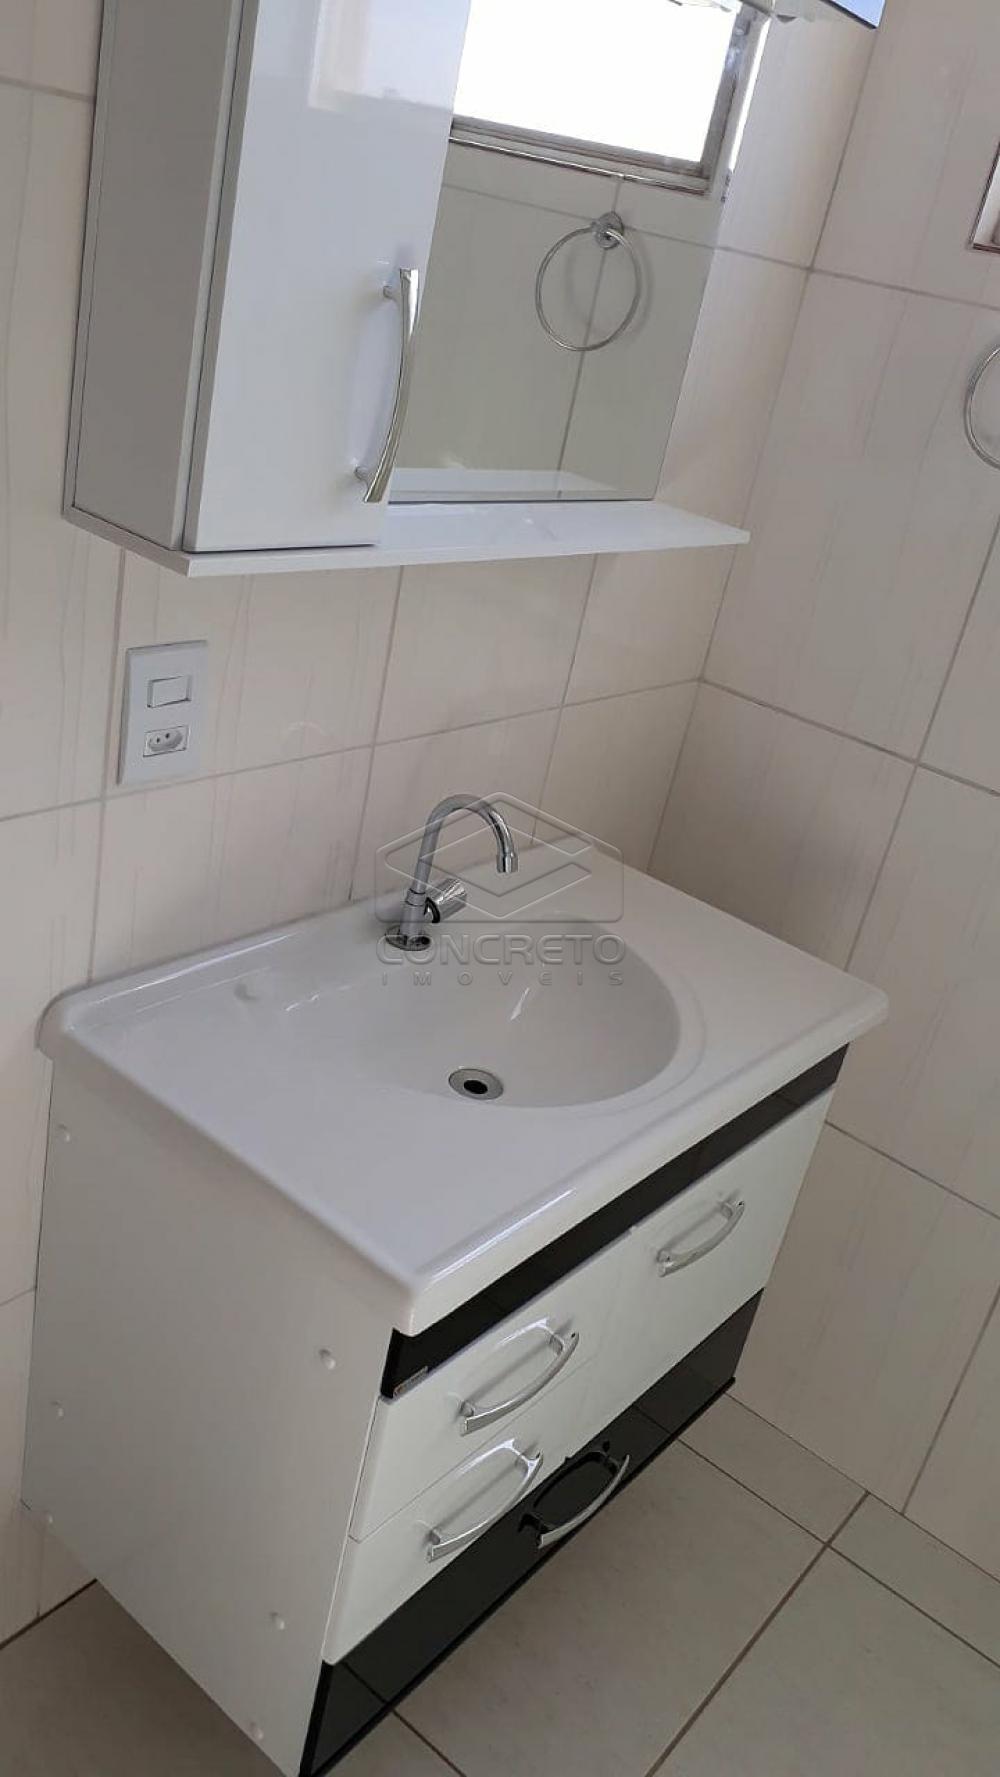 Alugar Apartamento / Padrão em Bauru R$ 650,00 - Foto 8